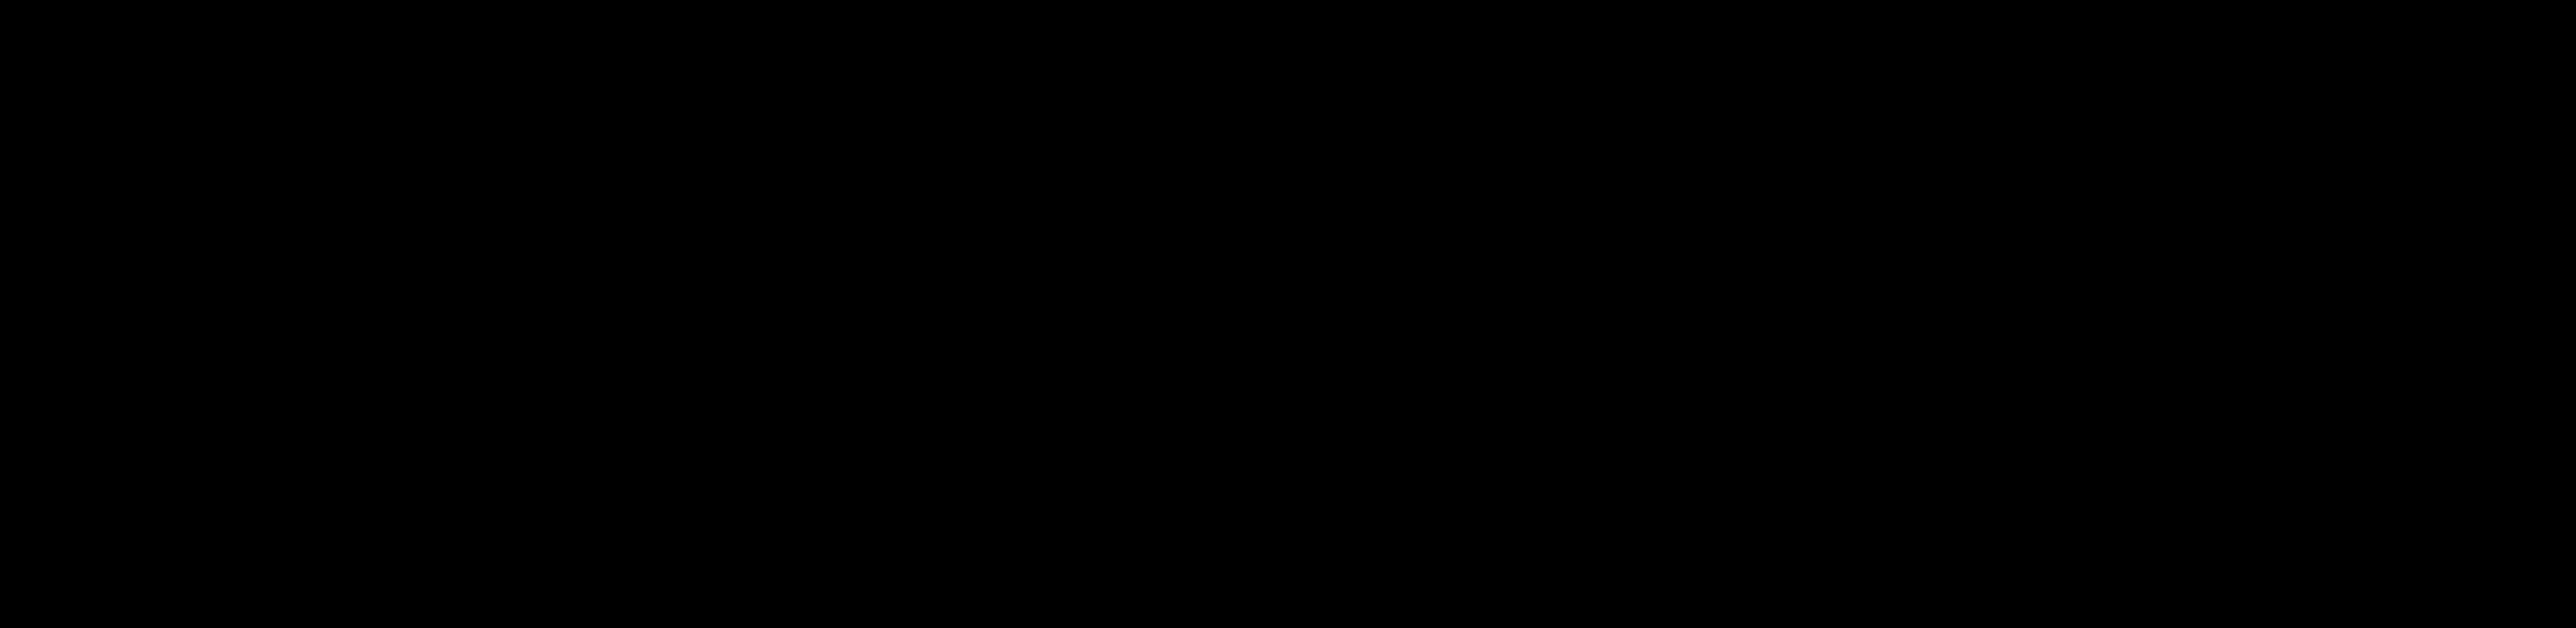 bazaar logo png